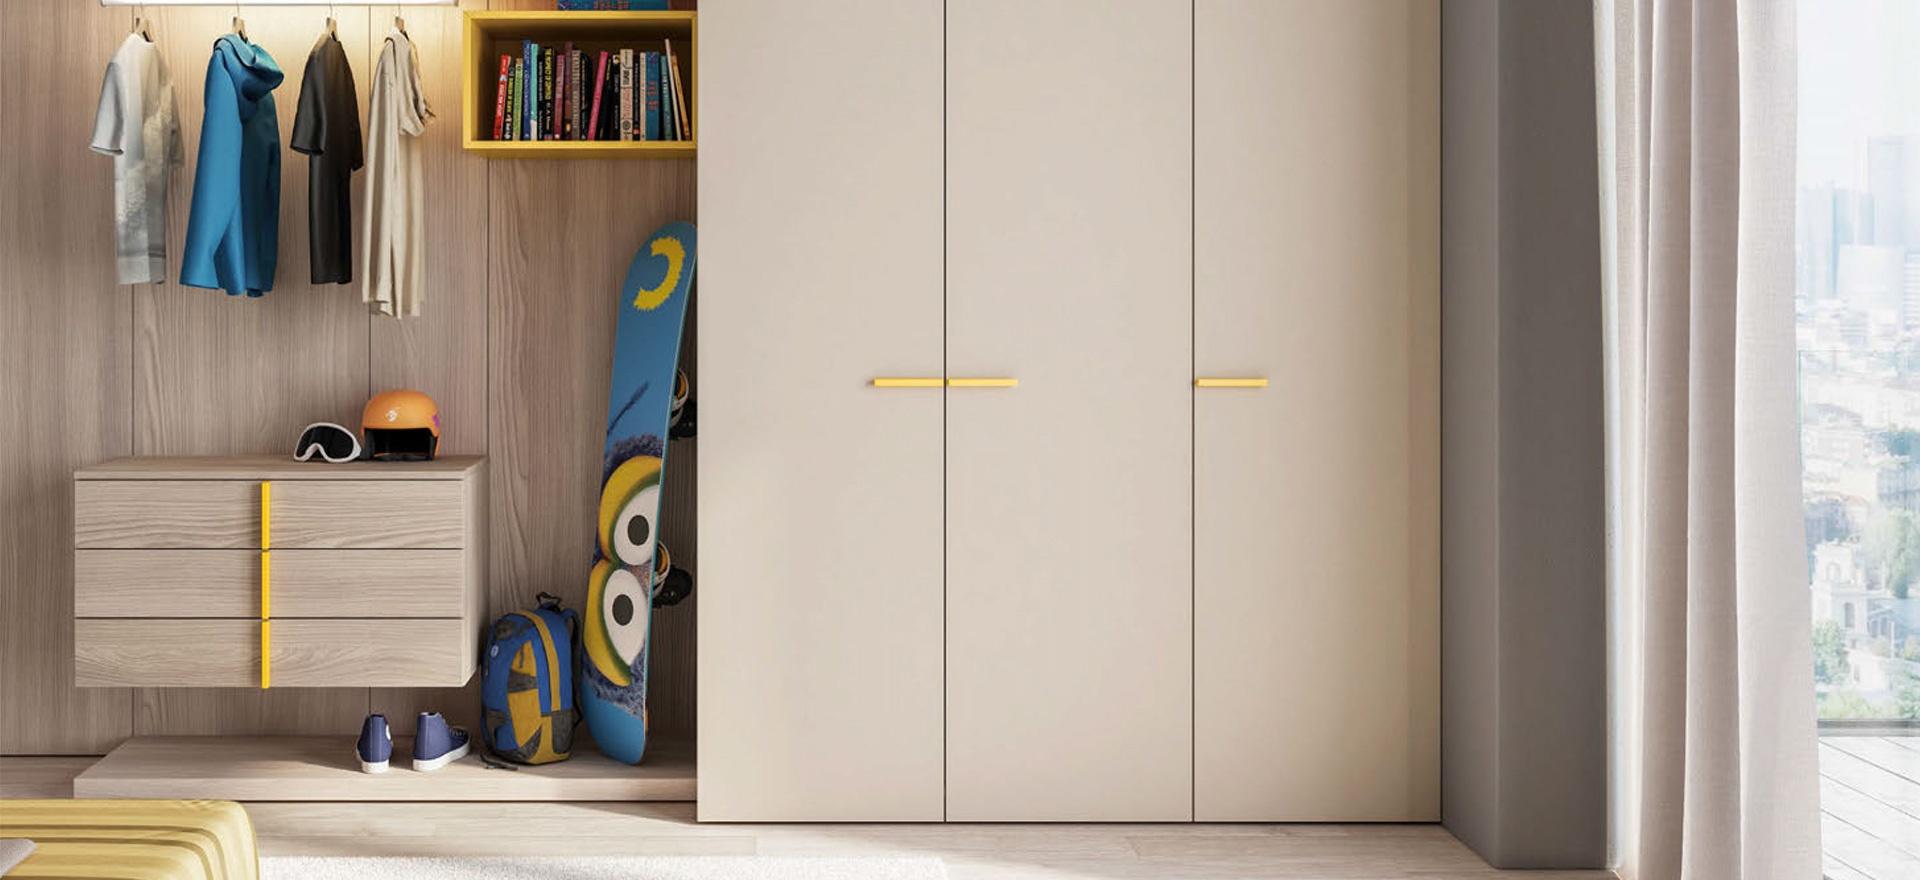 Kitchen-Furniture-Έπιπλα Κουζίνας-Kitchen-Studio-Living-&-More-MAIN_STORE